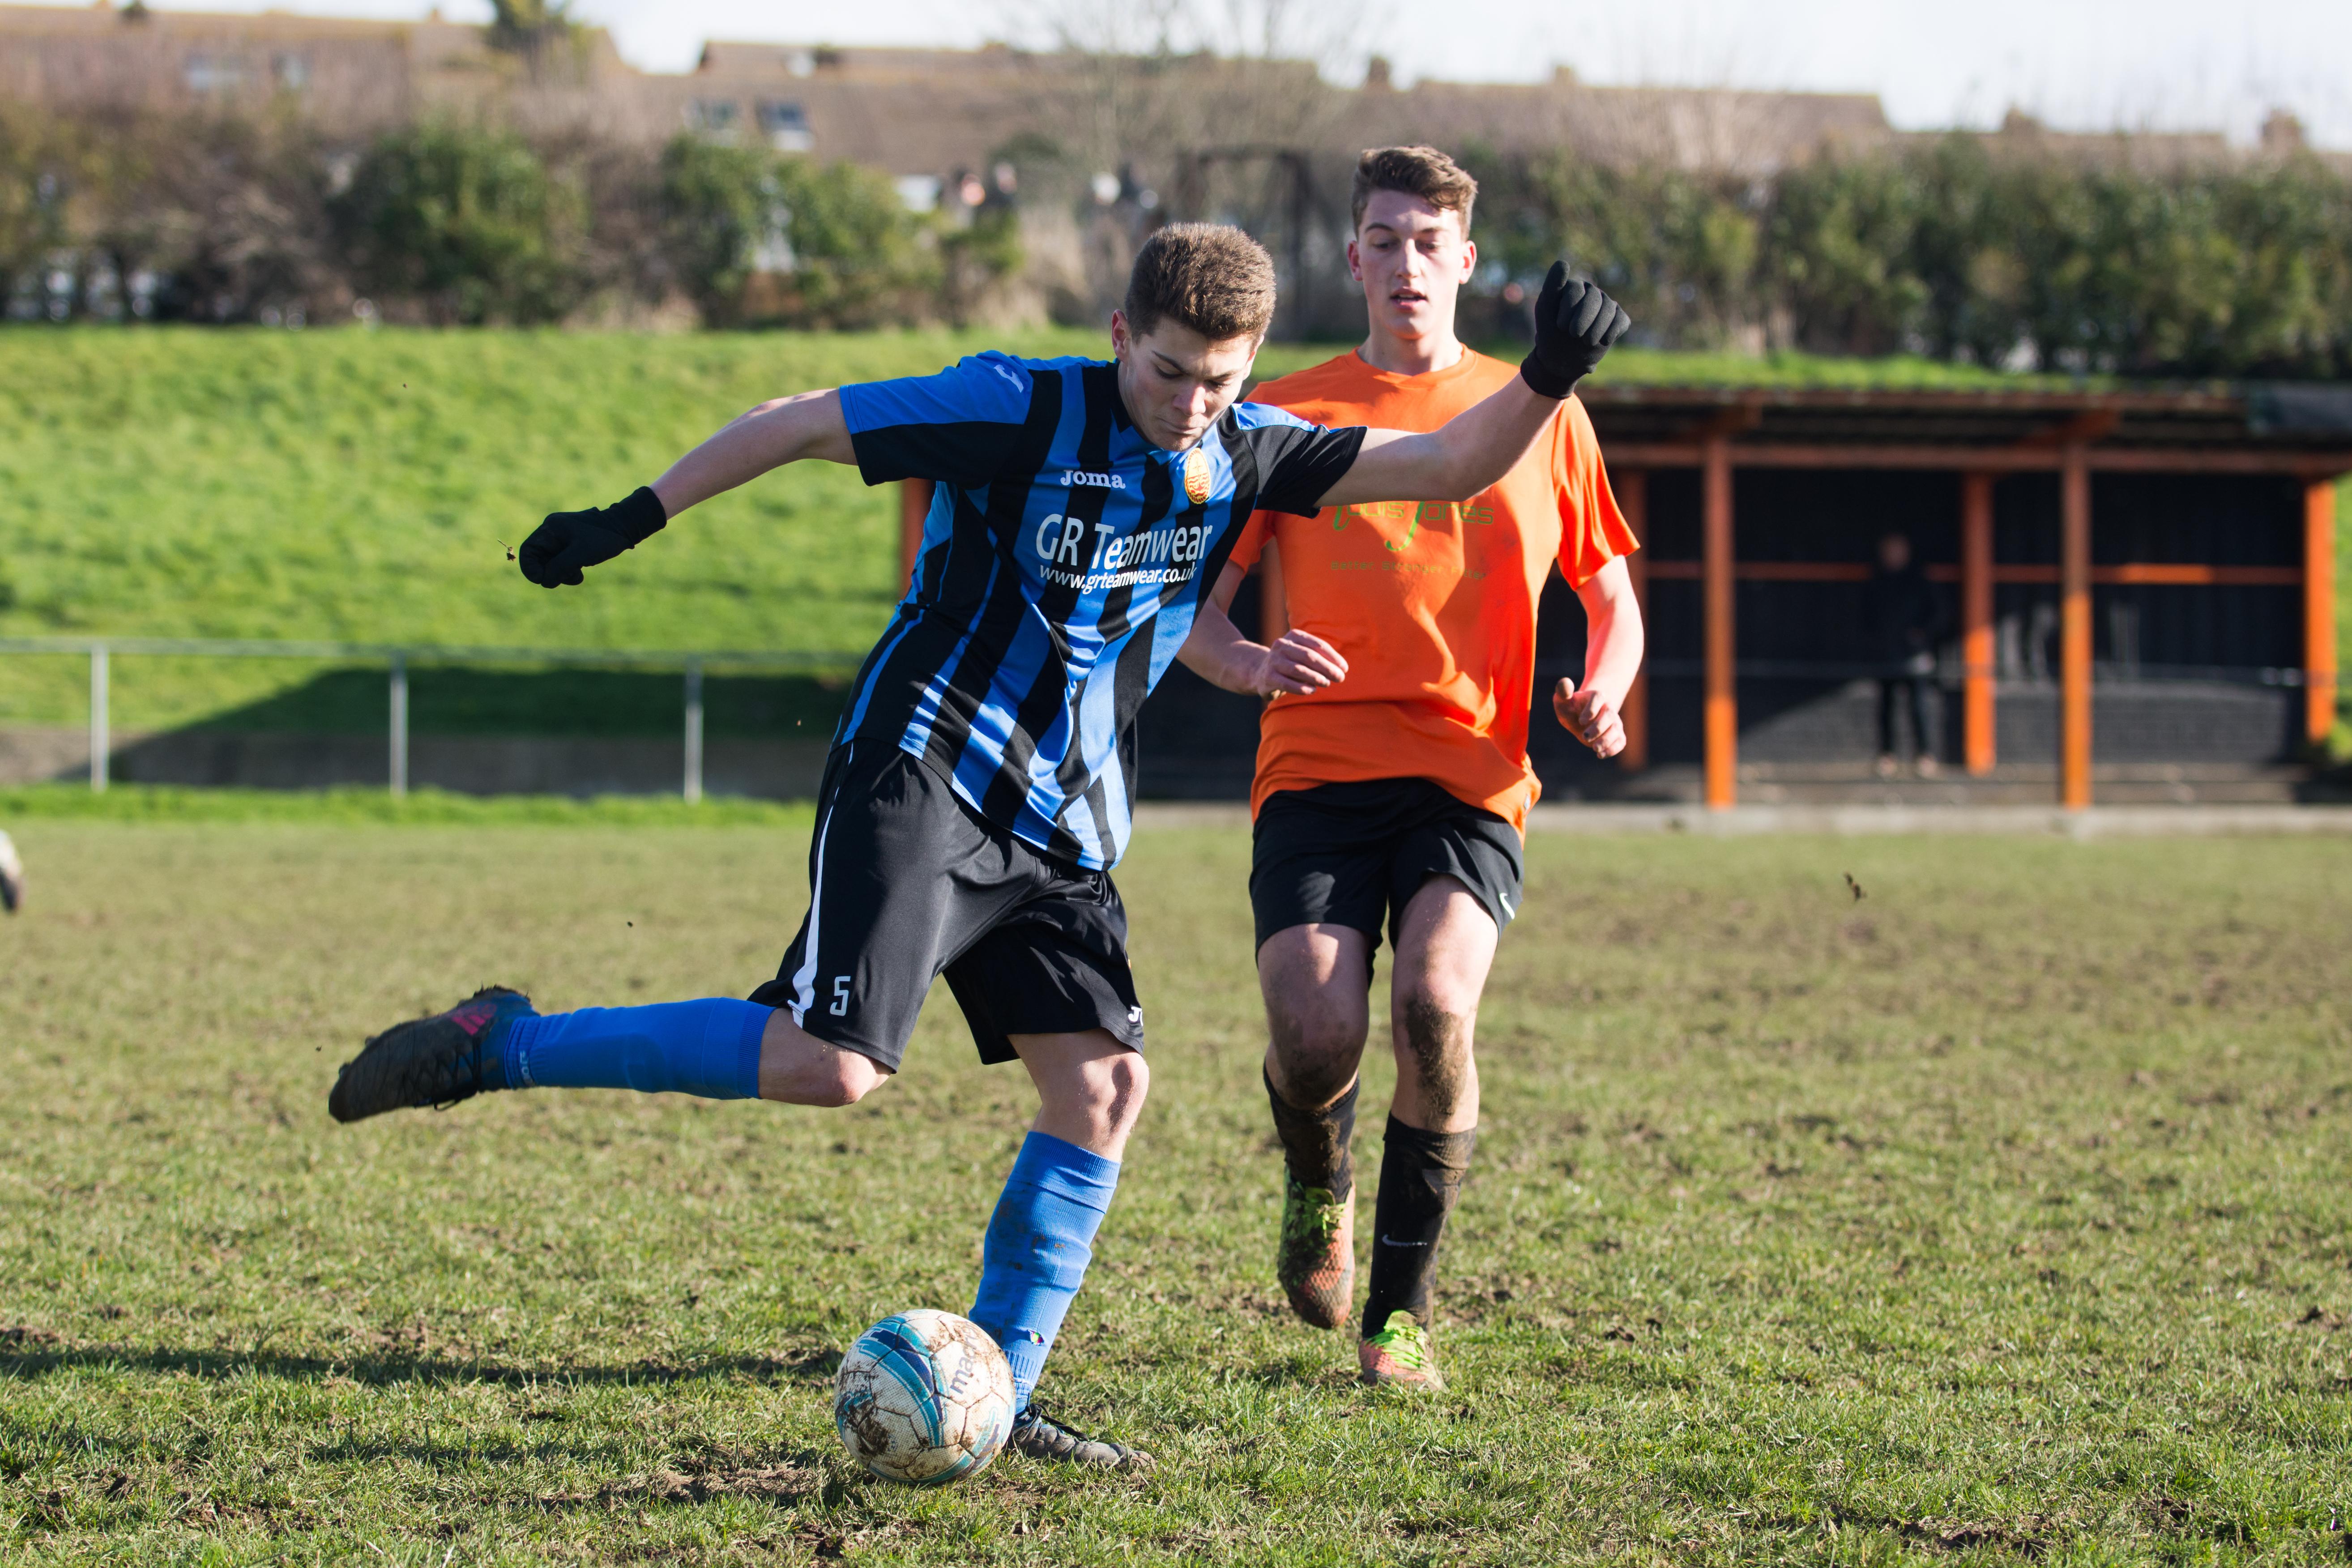 Mile Oak FC U18s vs Newhaven FC U18s 04.02.18 34